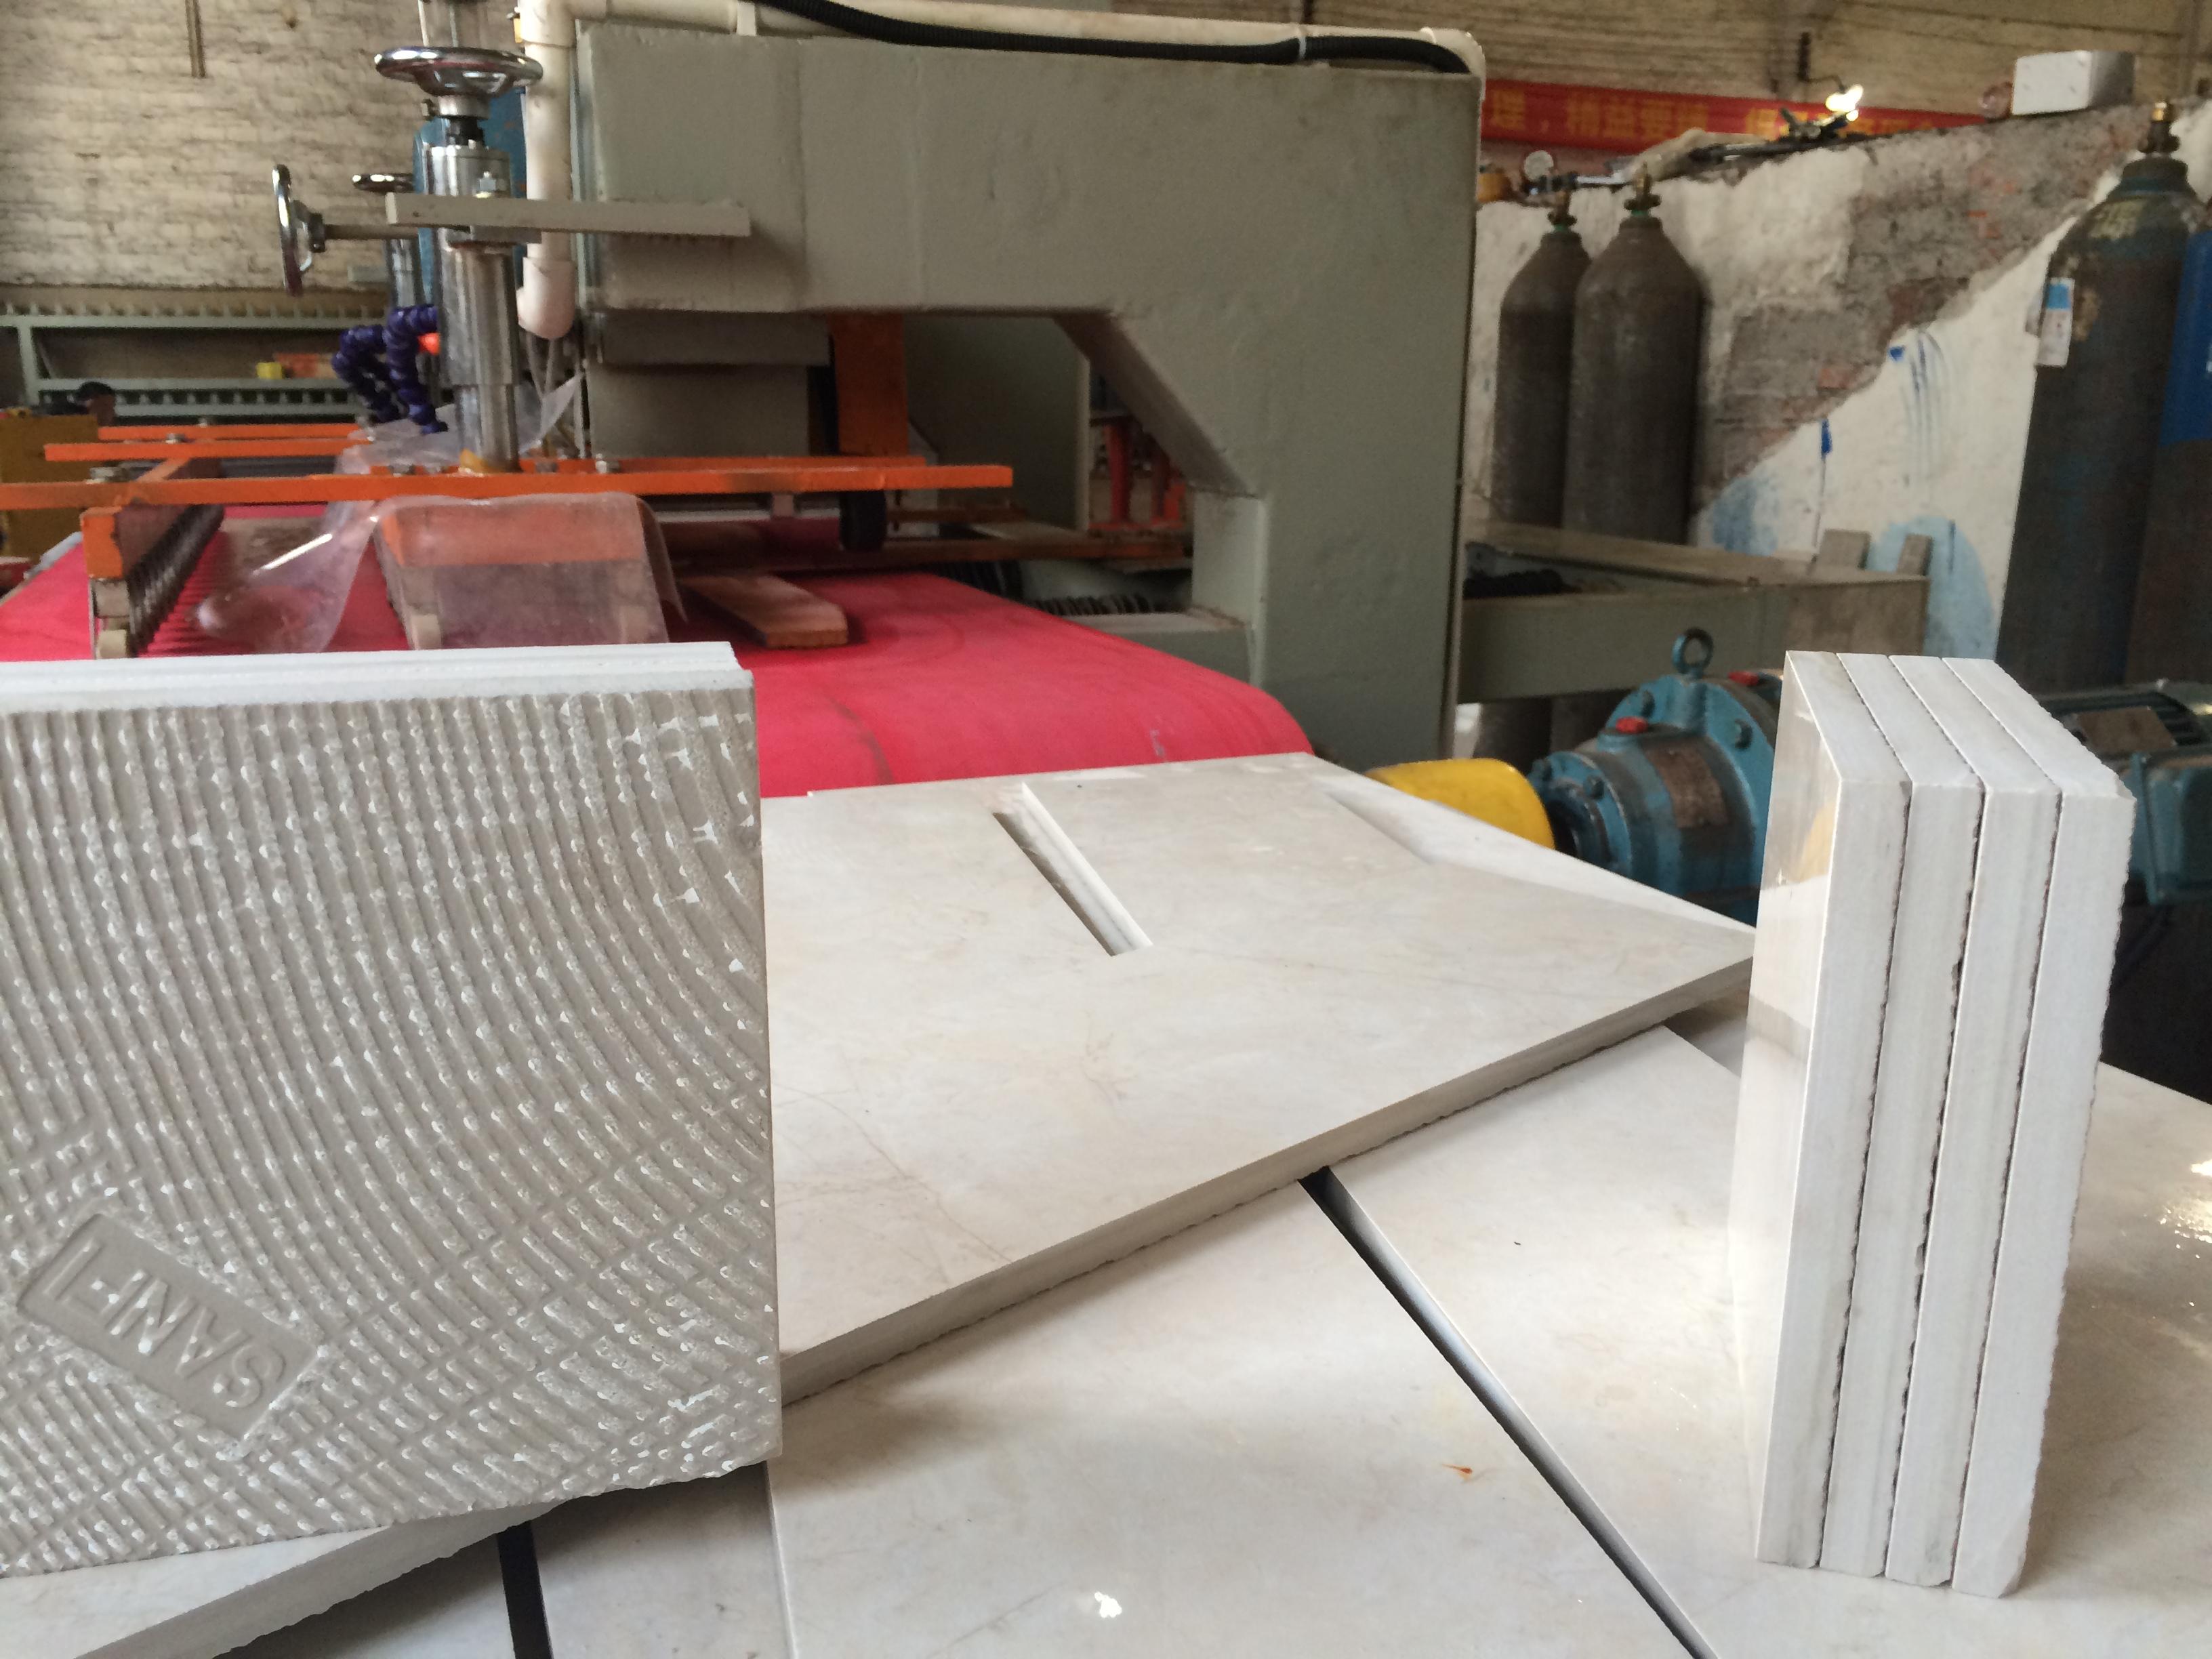 供应陶瓷石材加工设备圆弧线条抛光机  瓷砖加工设备图片大全